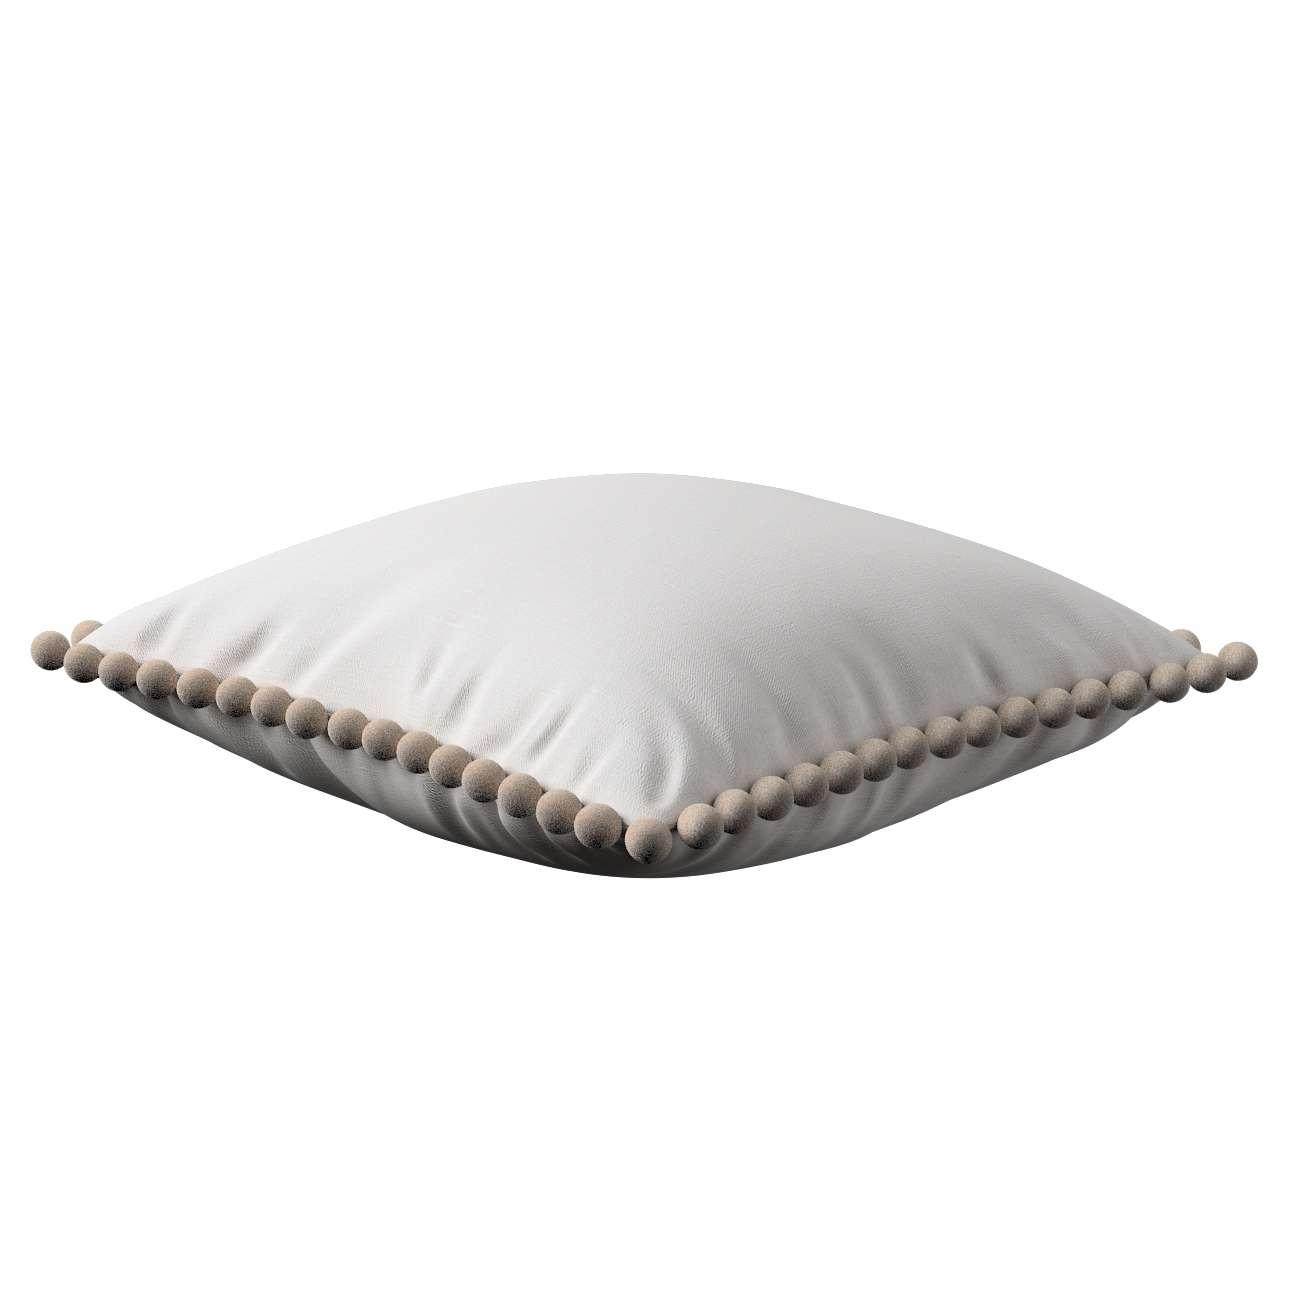 Wera dekoratyvinės pagalvėlės su žaismingais kraštais 45 x 45 cm kolekcijoje Linen , audinys: 392-04